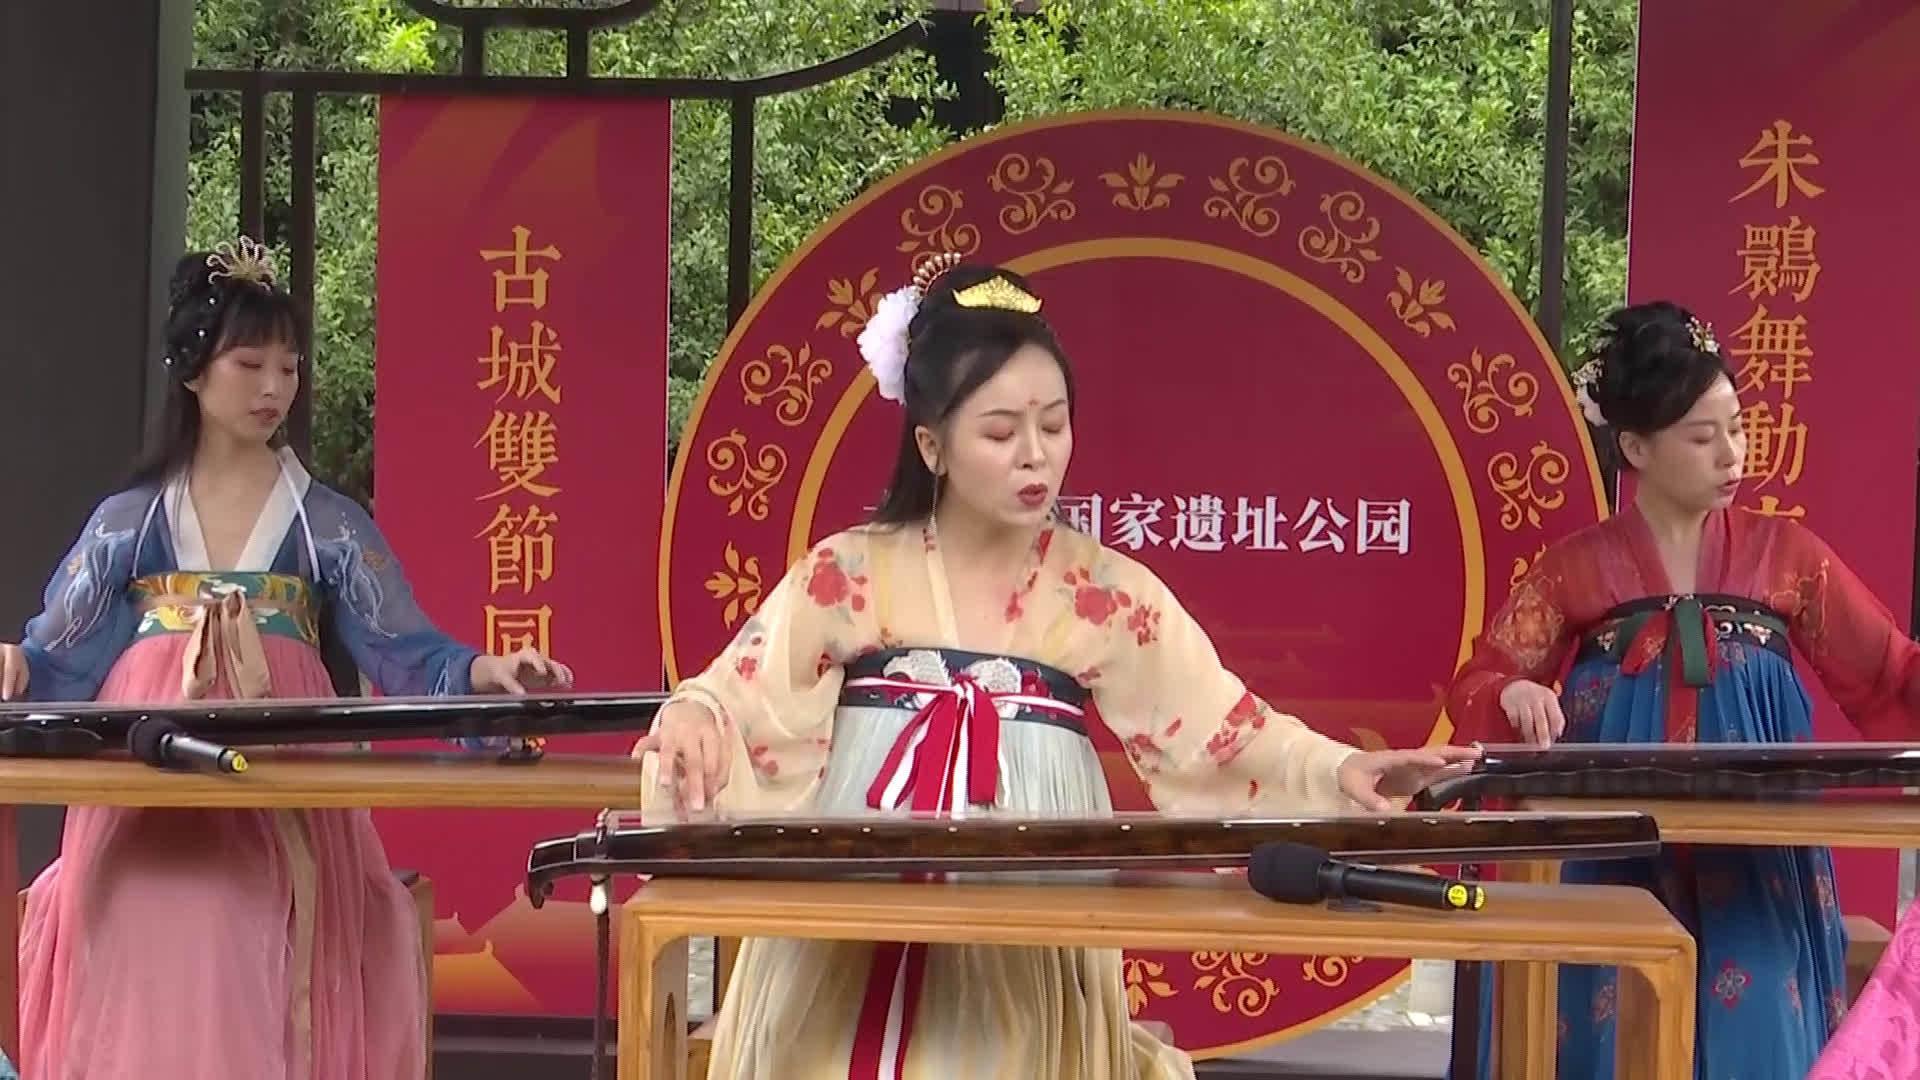 9月25日,曲江新区管委会和未央区人民政府联合举办的古城双节同庆……